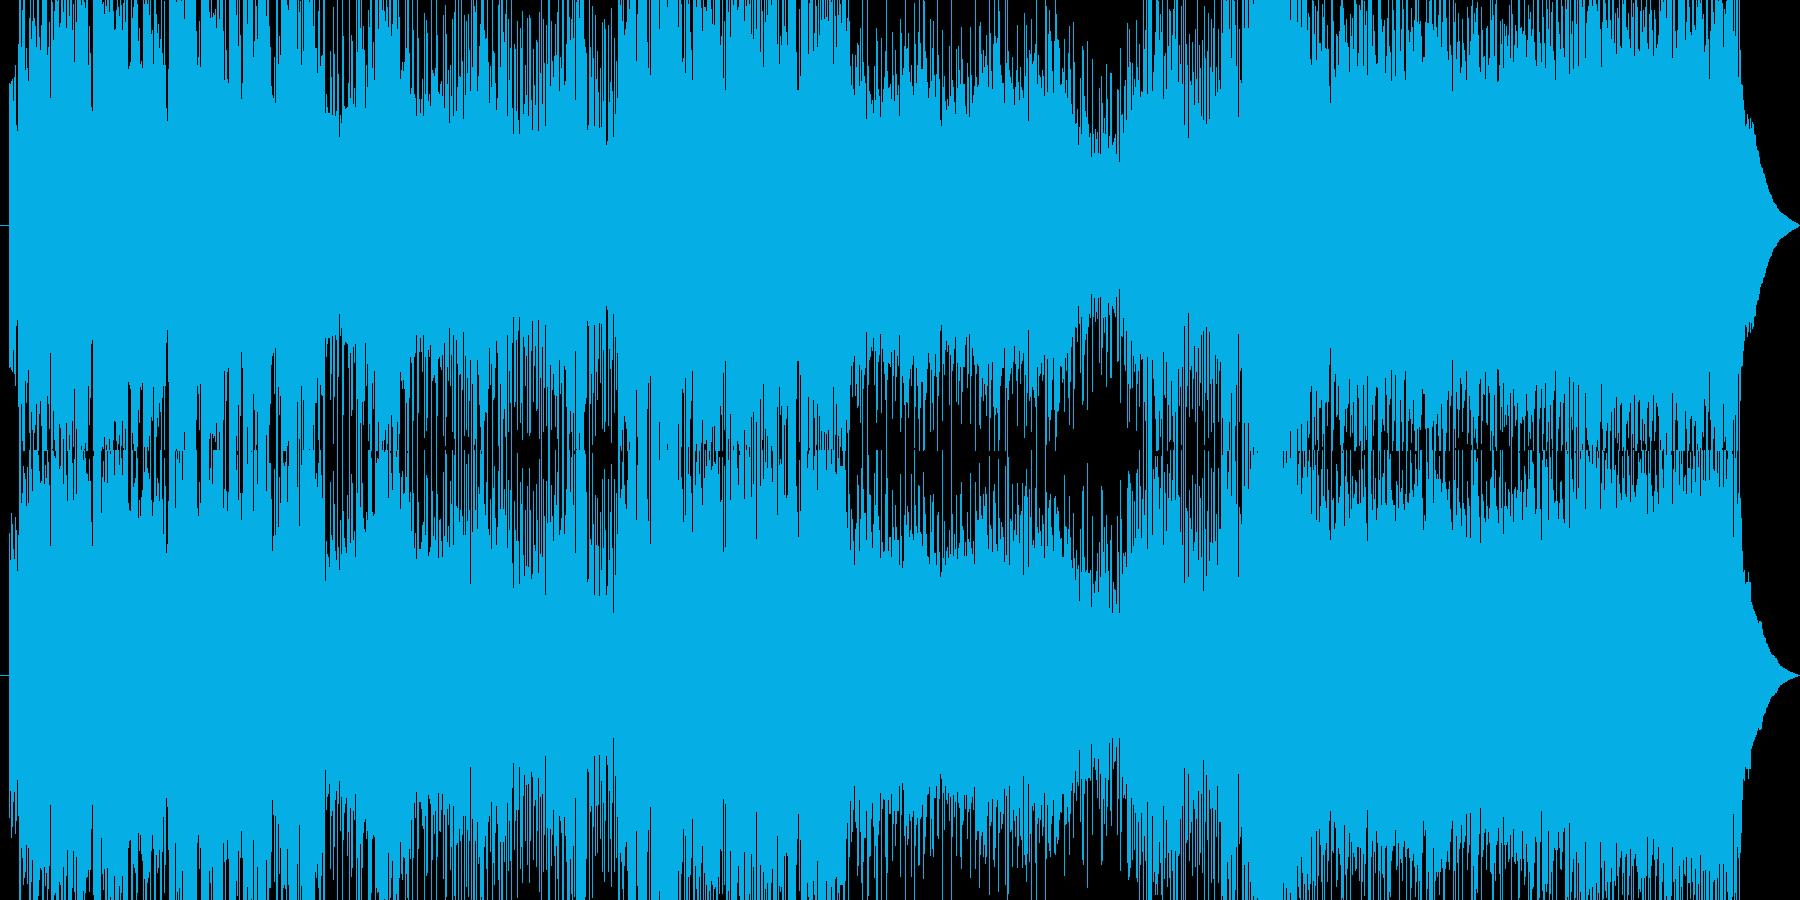 記憶喪失になって叫びを表現してます。の再生済みの波形